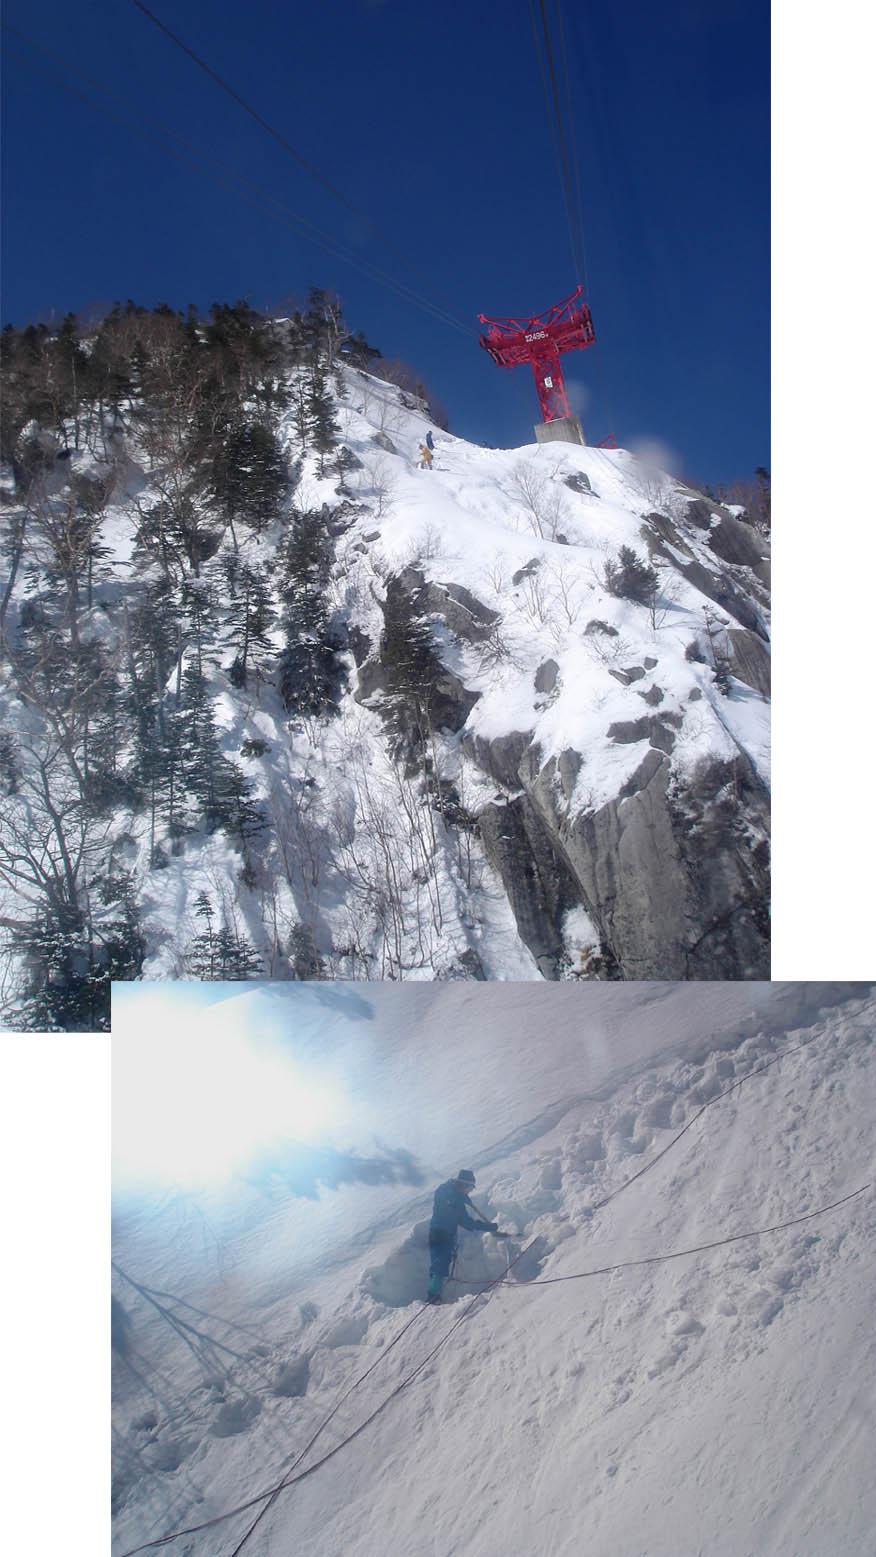 2月14日 ロープウェイ通過点除雪作業